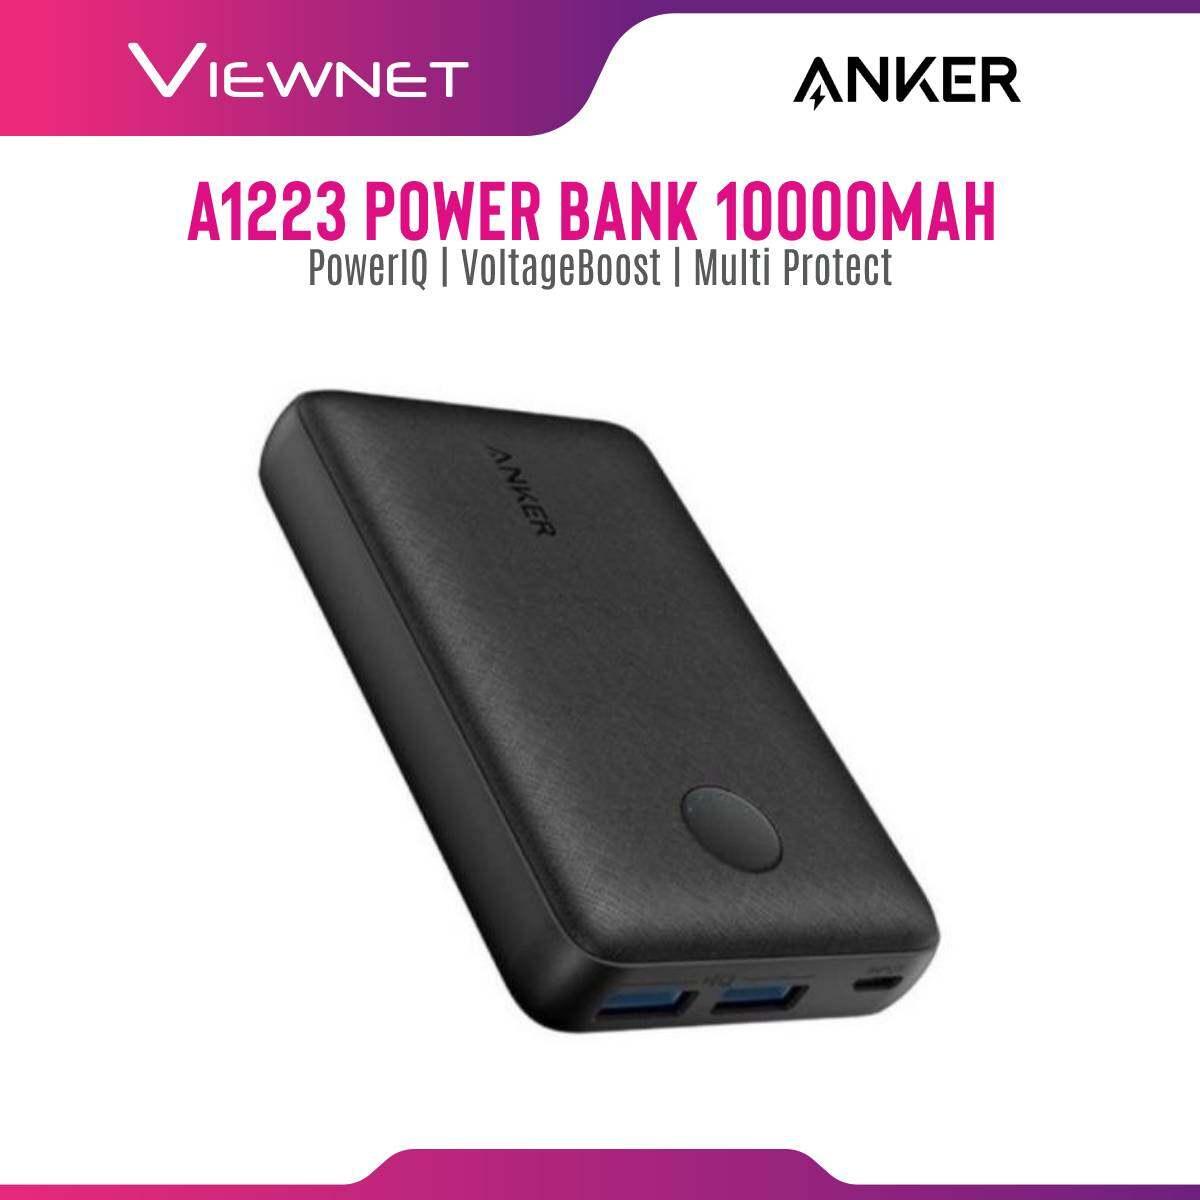 Anker A1223 PowerCore Select Power Bank (10000mAh/10W + 12W) Black